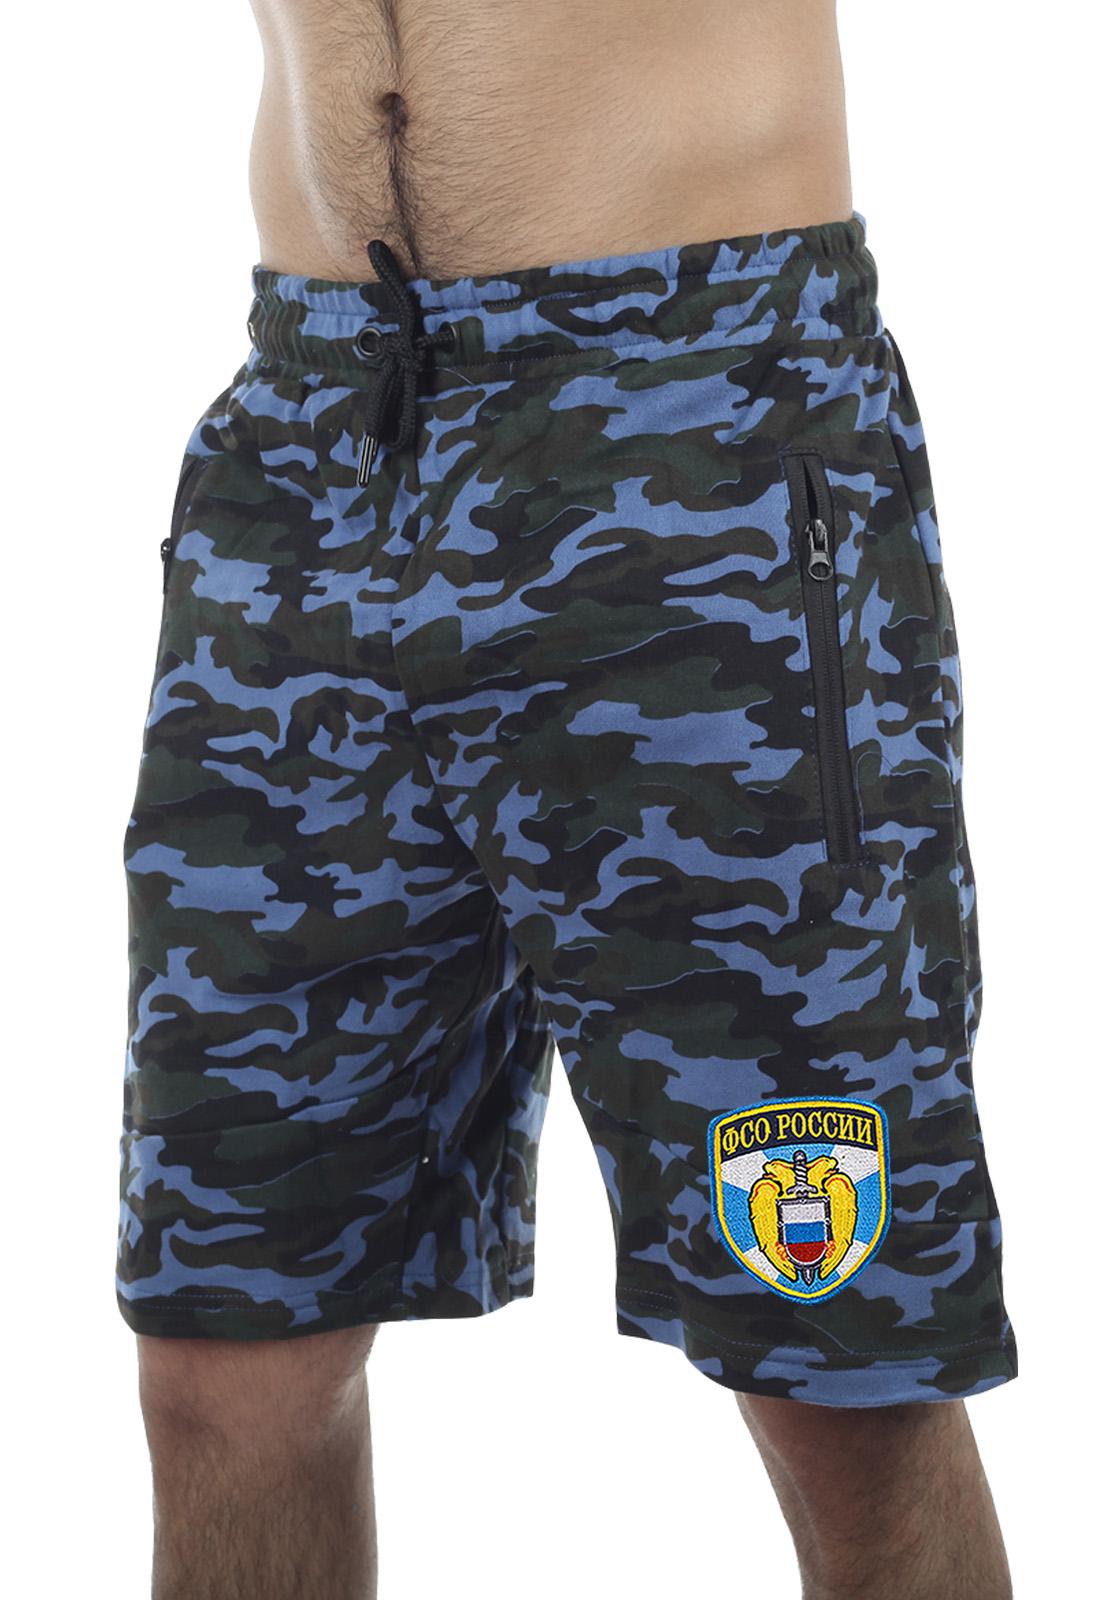 Купить военные камуфляжные шорты с нашивкой ФСО в подарок мужчине